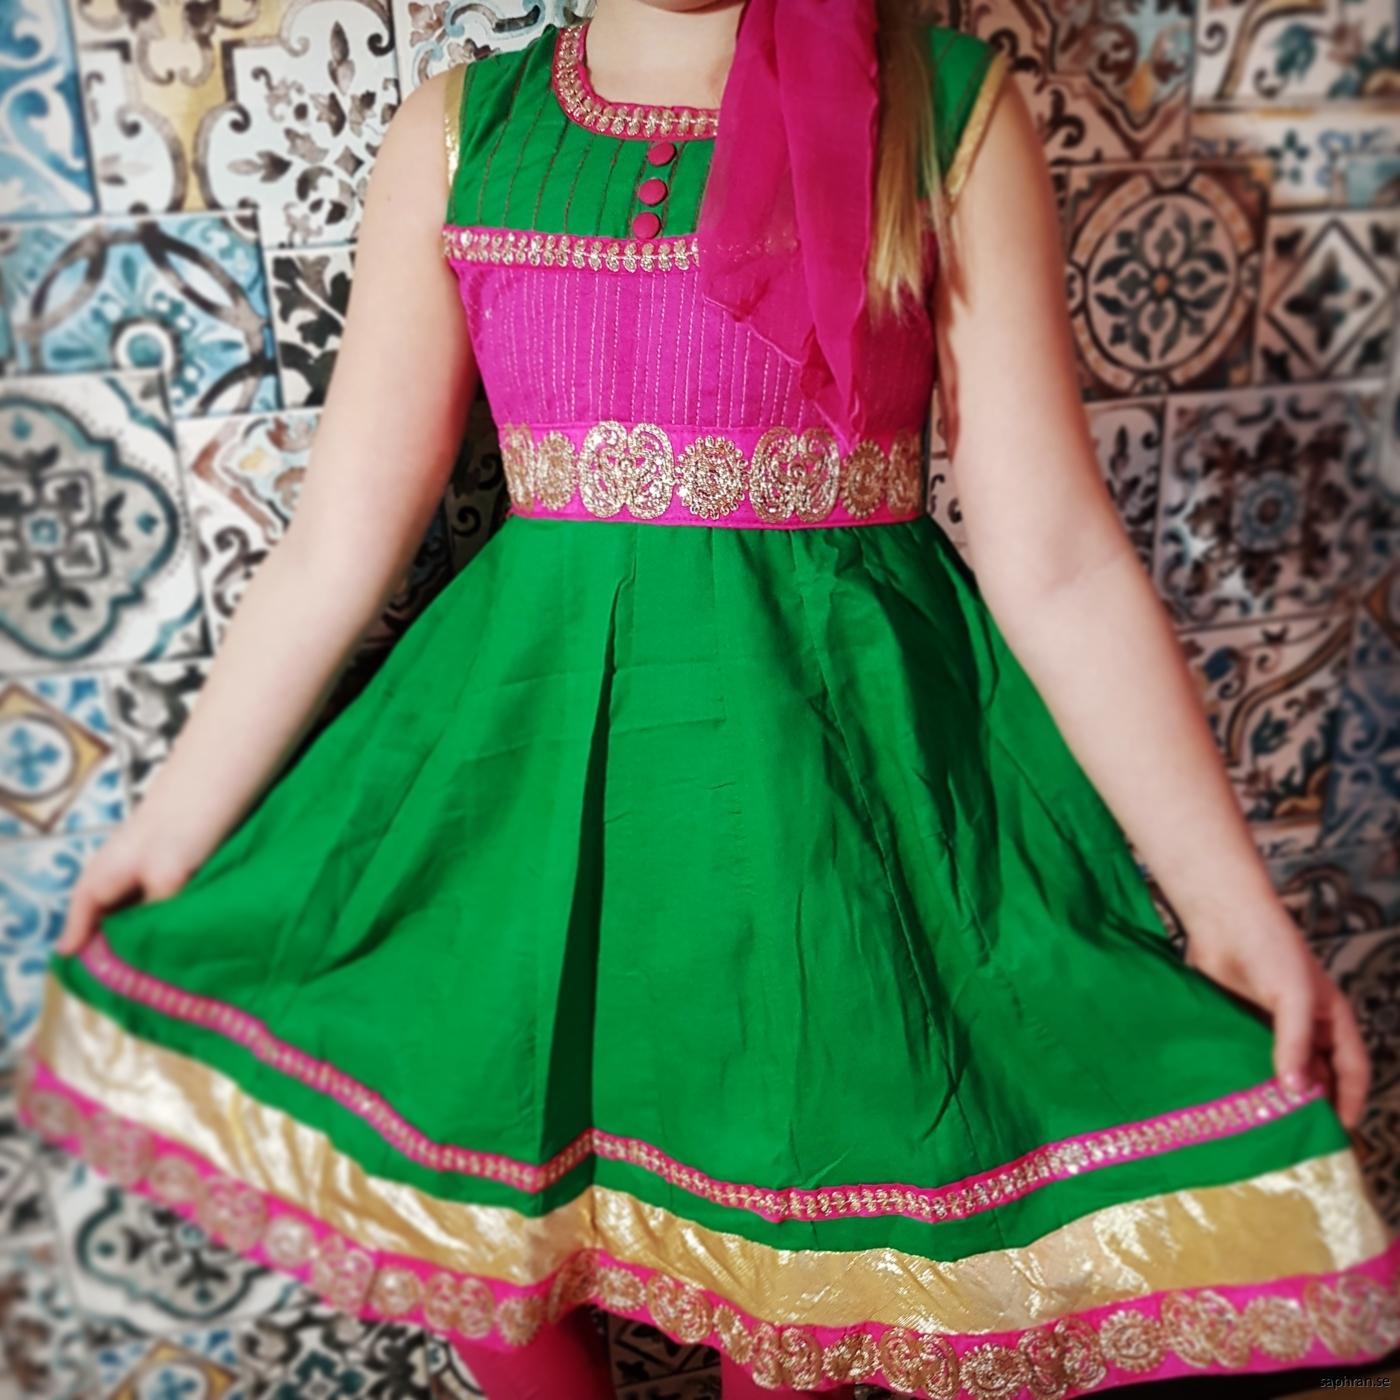 Färgglad ärmlös klänning perfekt för skolavslutning och andra festligheter